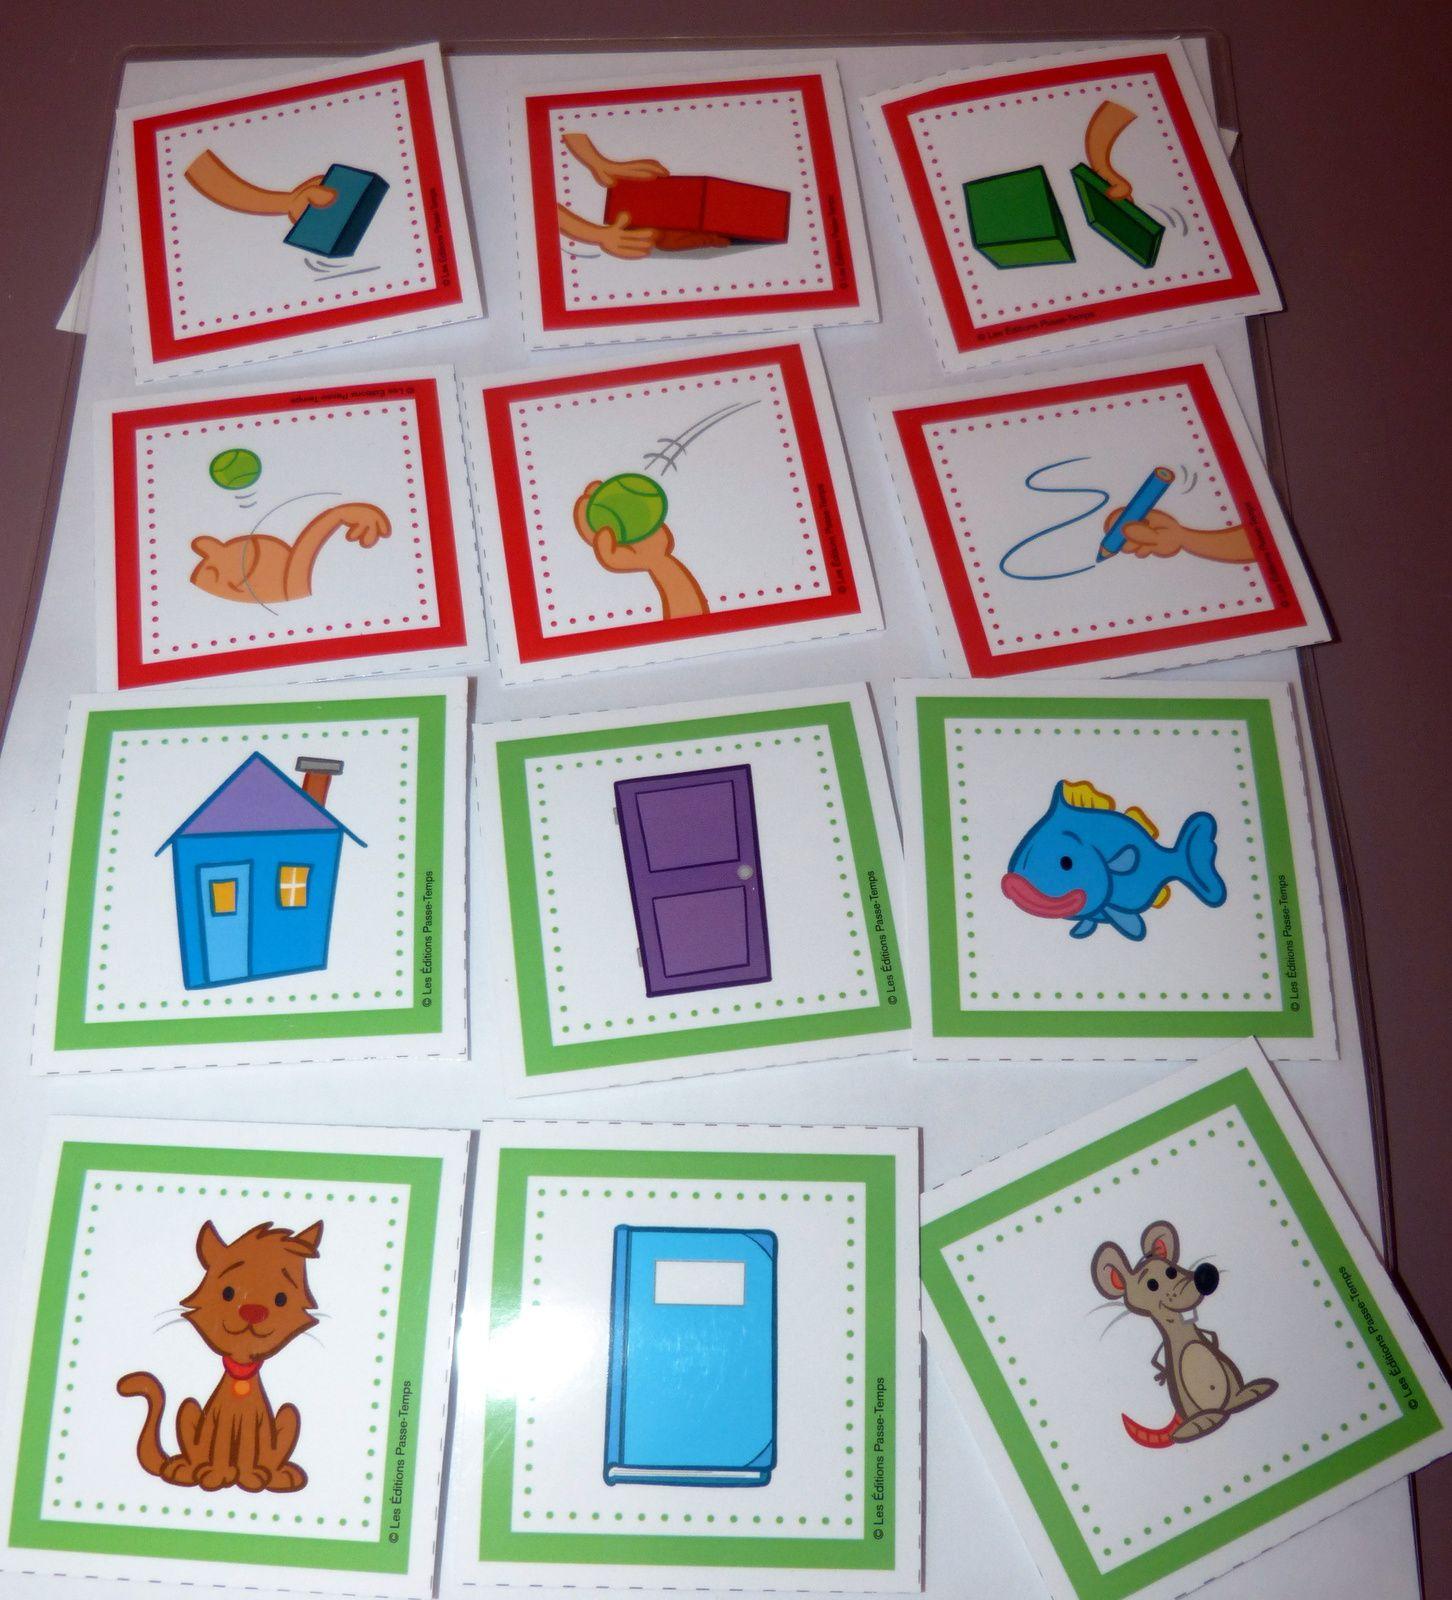 Plaquettes de cartes avec le support pour construire la phrase